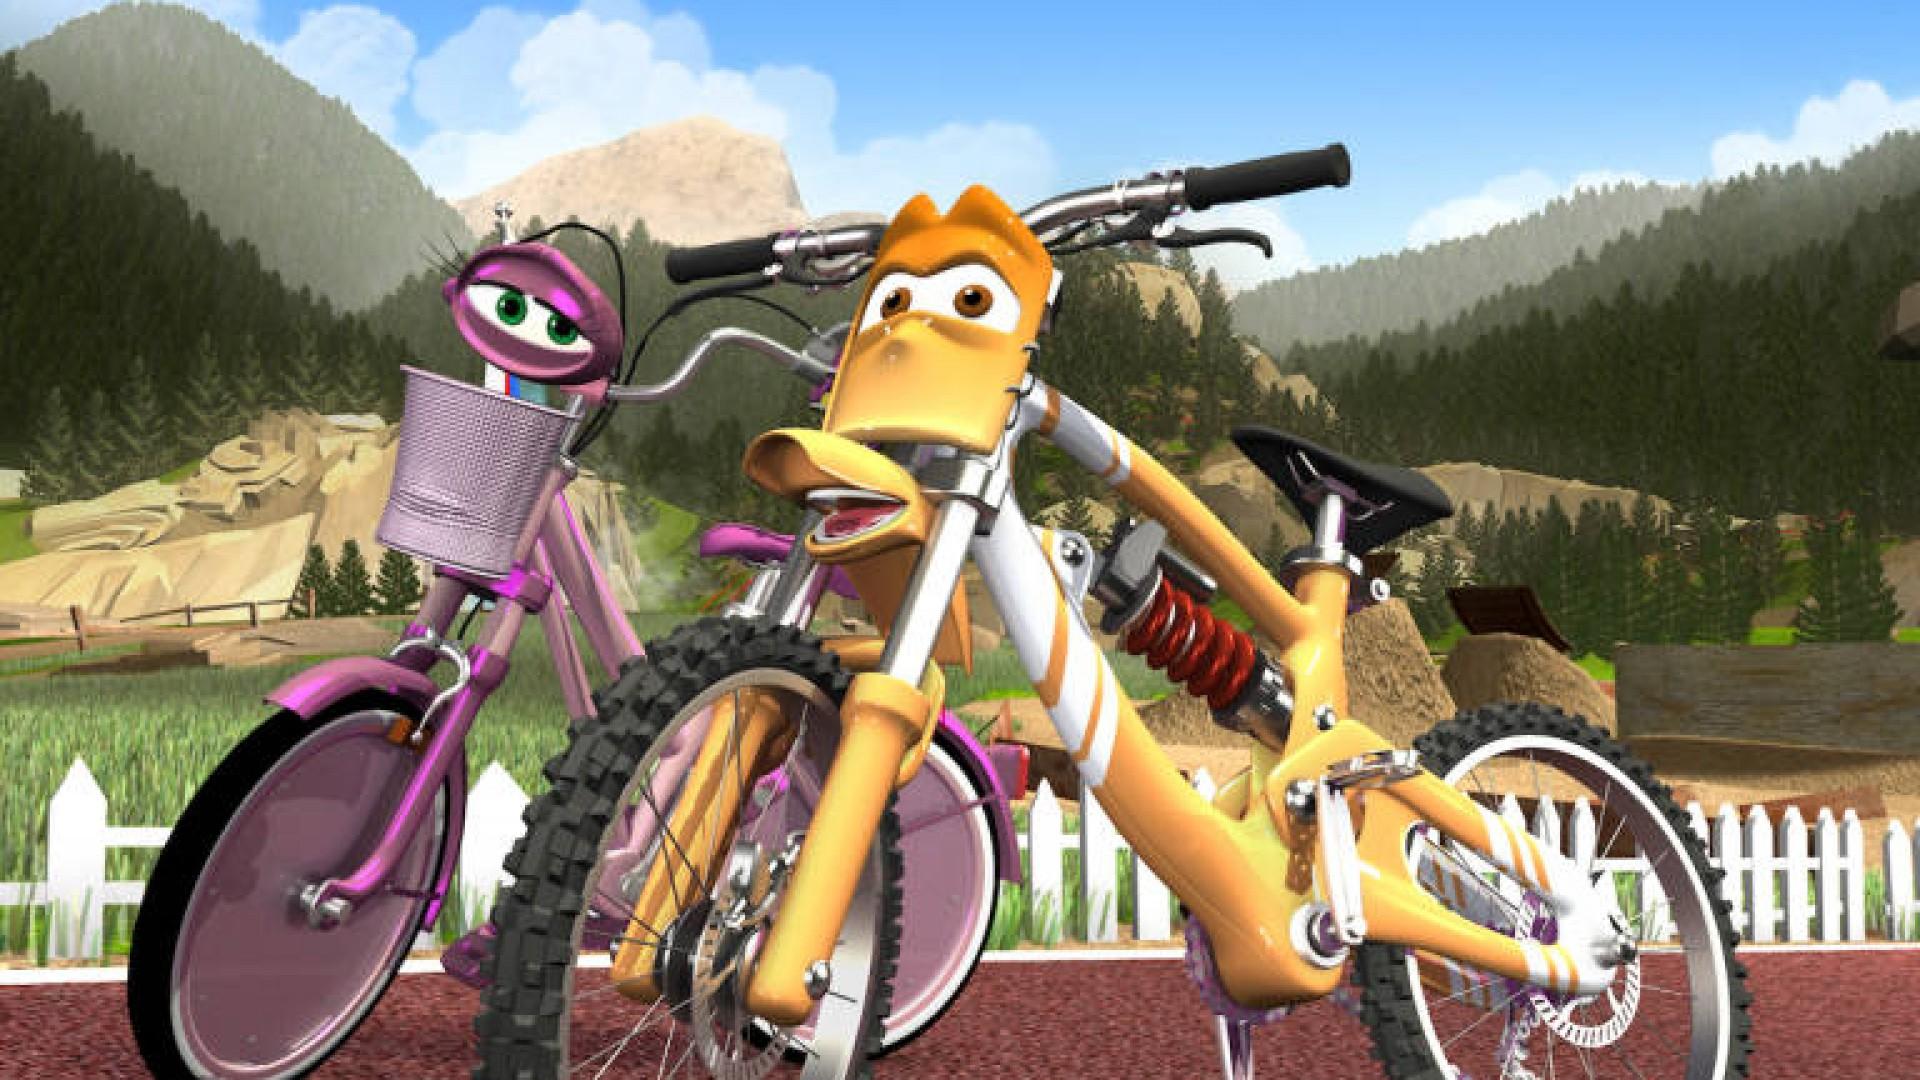 Setmana de la mobilitat: Bikes